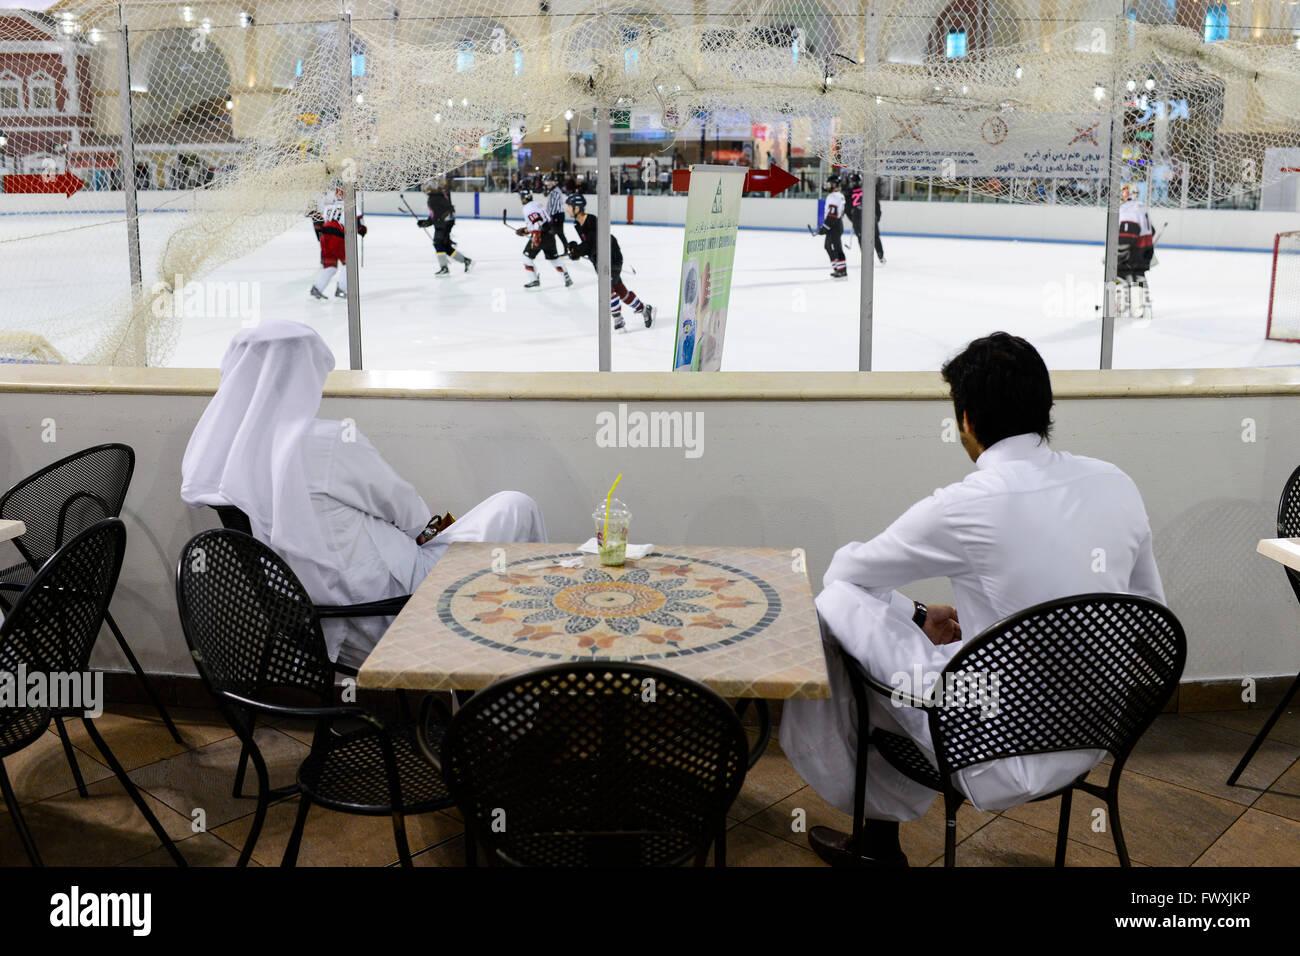 QATAR, Doha, Aspire Zone, Villaggio Mall centre commercial avec le patin à glace, terrain de hockey sur glace Photo Stock